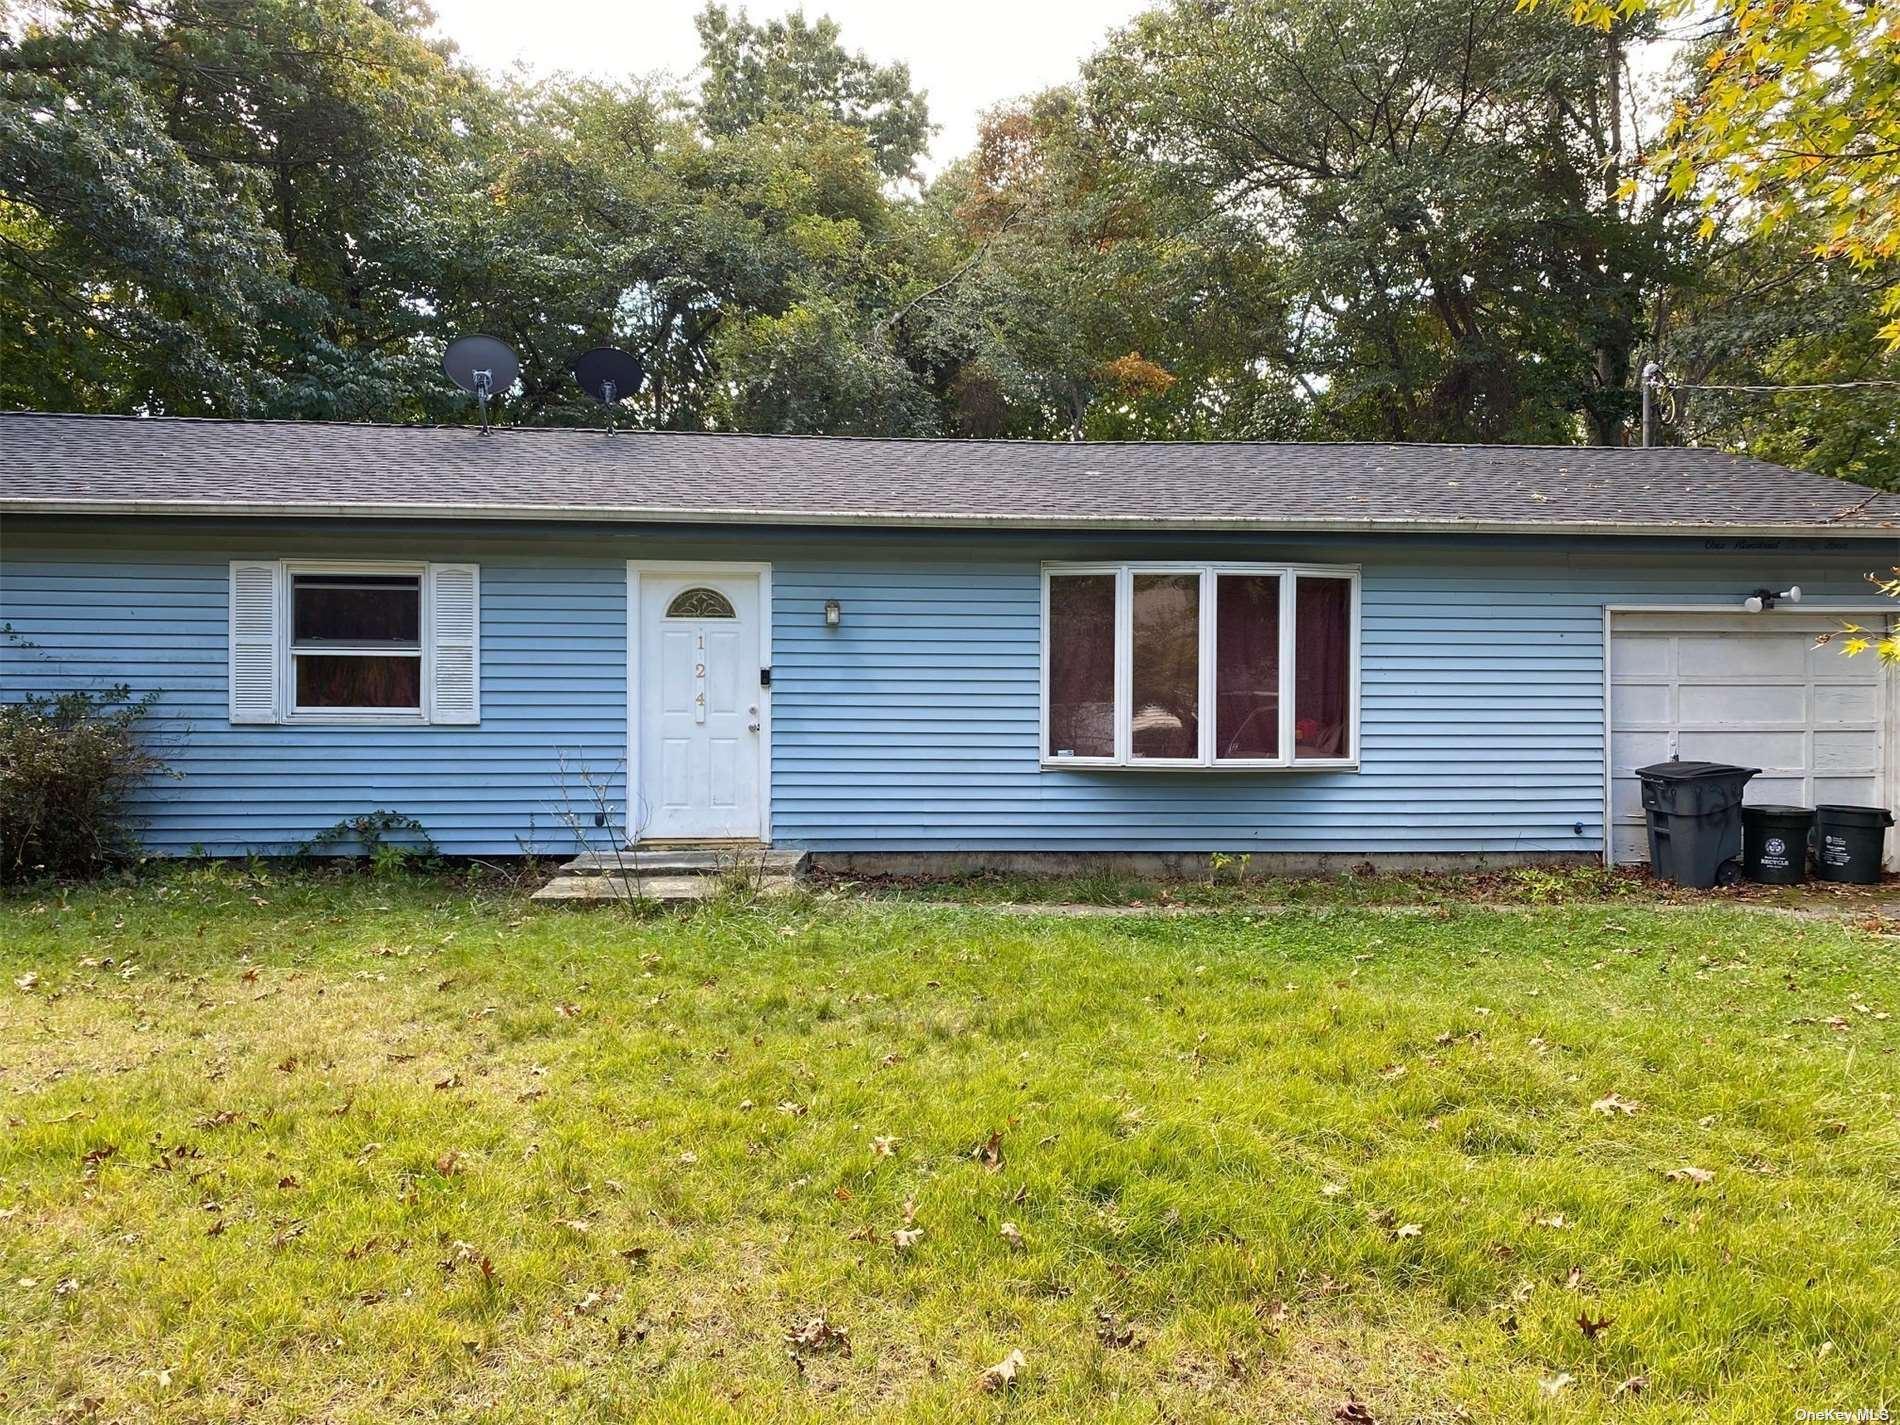 124 Norfleet Lane, Medford, NY 11763 - MLS#: 3354802